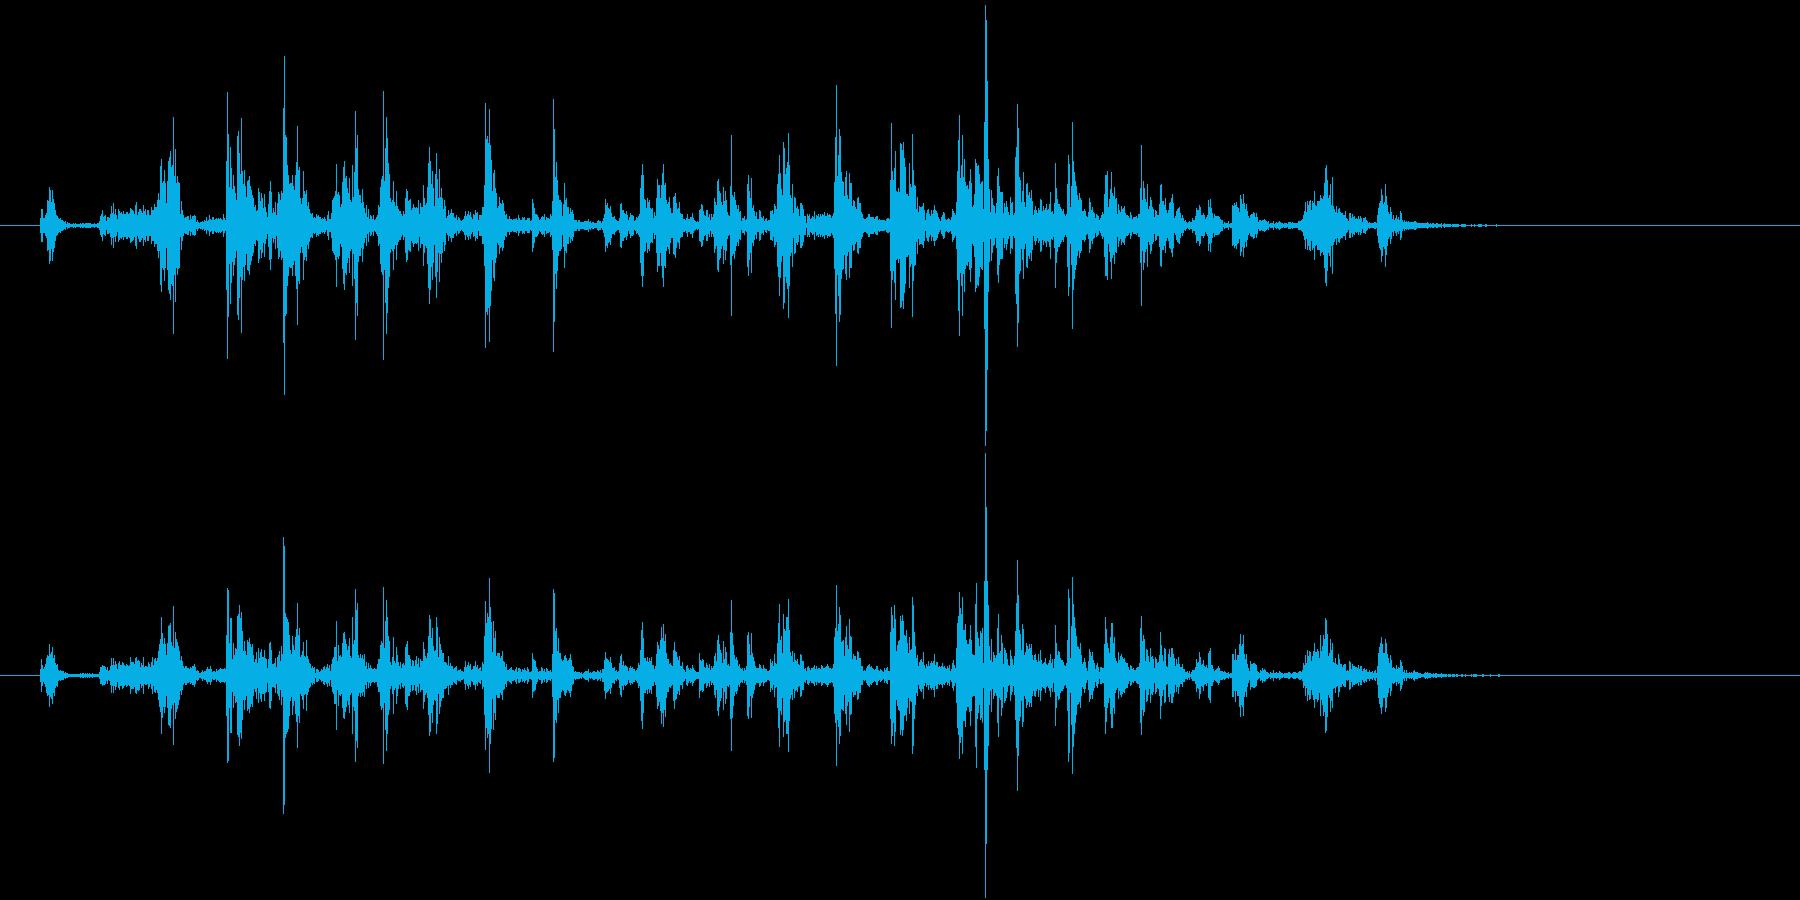 【生録音】カッターナイフの音 13の再生済みの波形